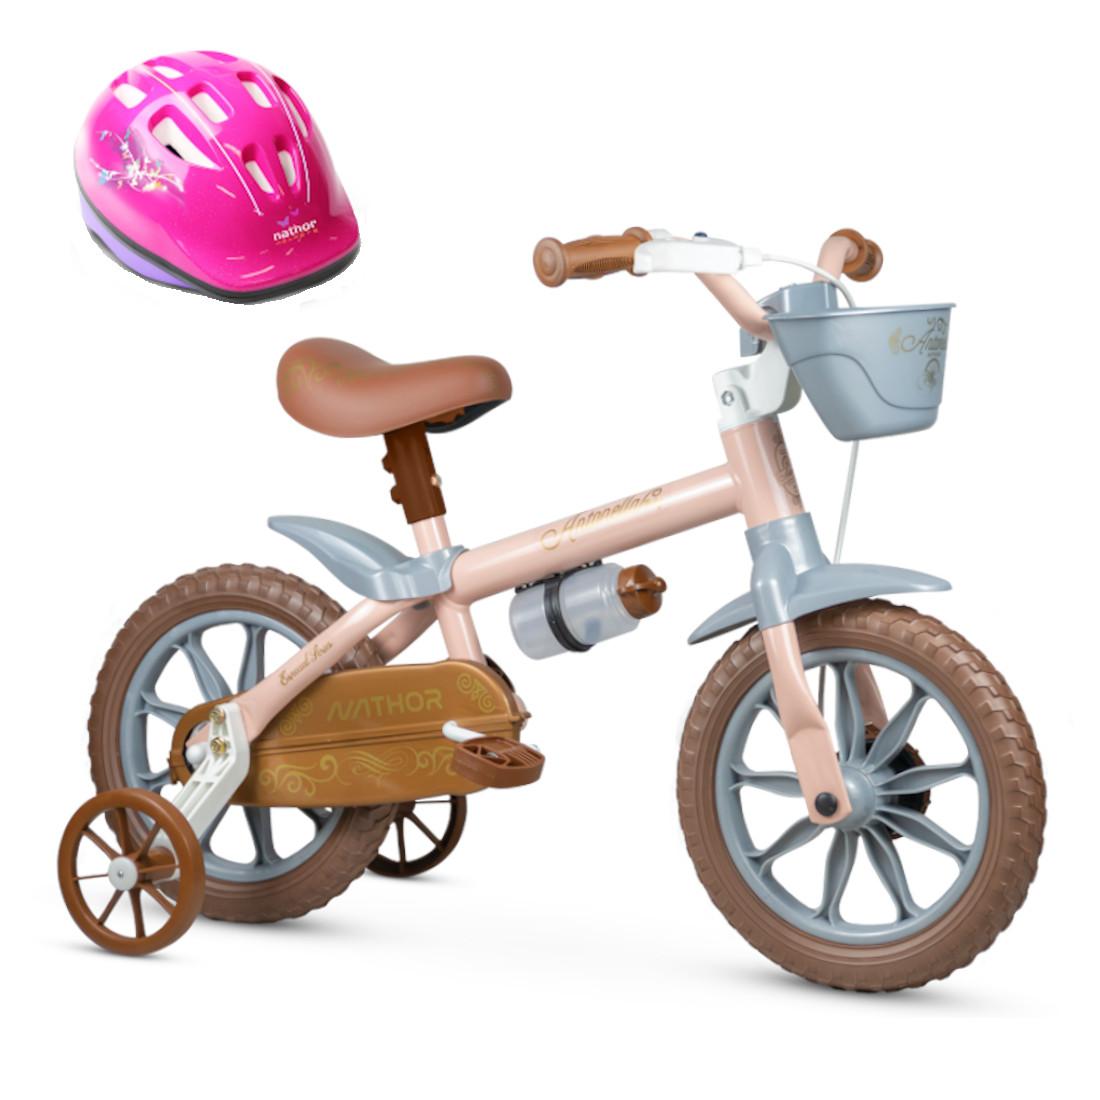 Bicicleta Aro 12 Infantil Menina Antonella Rosa Nathor com Capacete